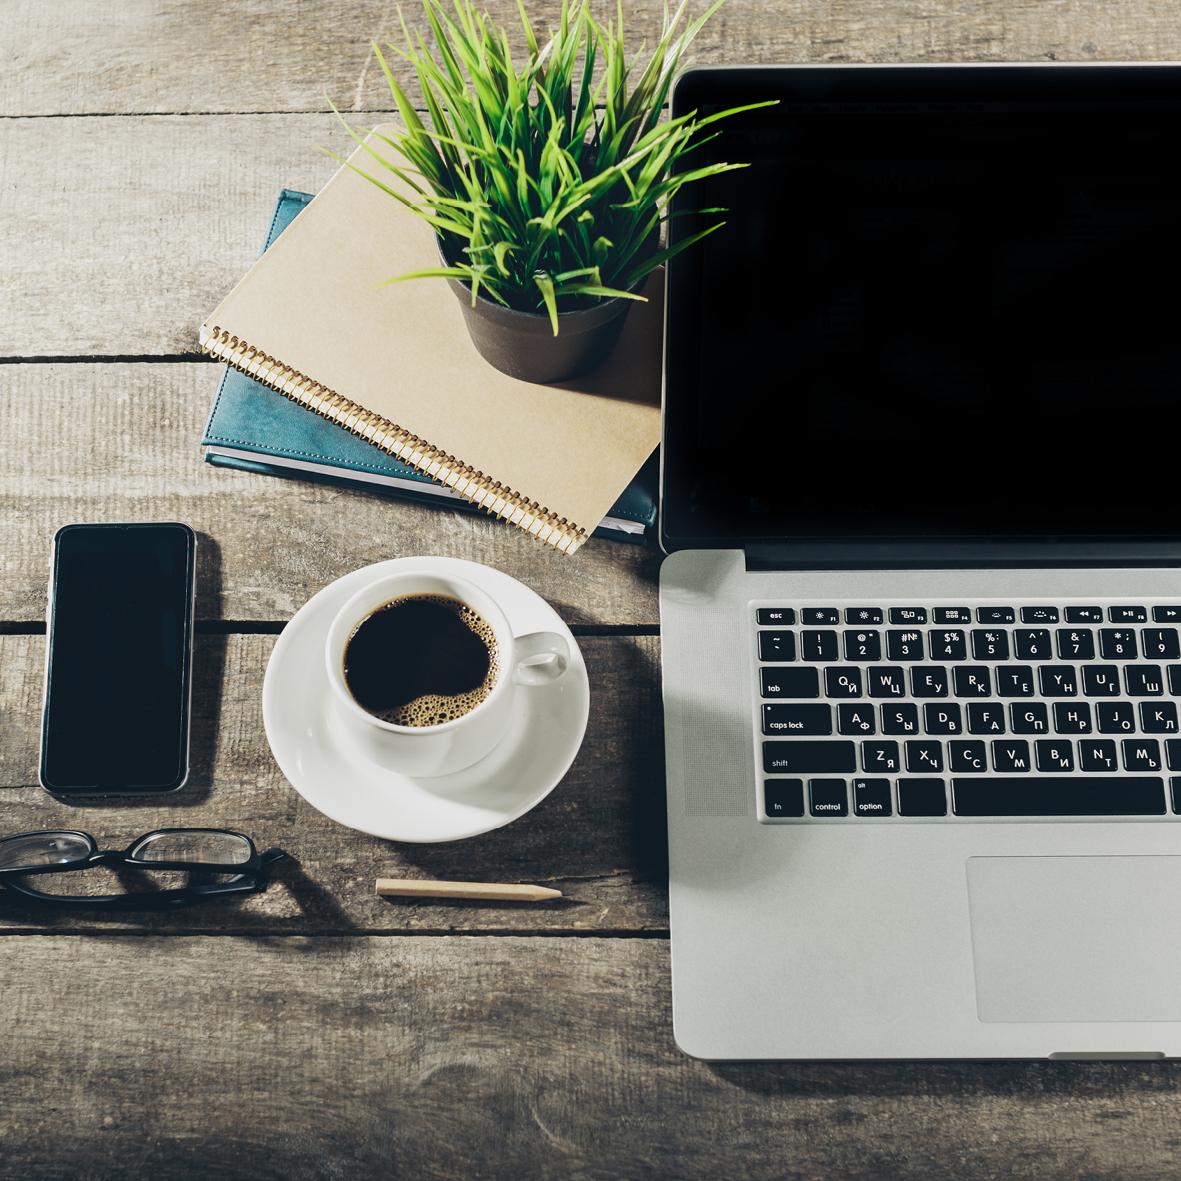 Bewerbertraining AVGS - Notebook mit Kaffeetasse, Handy, Brille und Notizheften